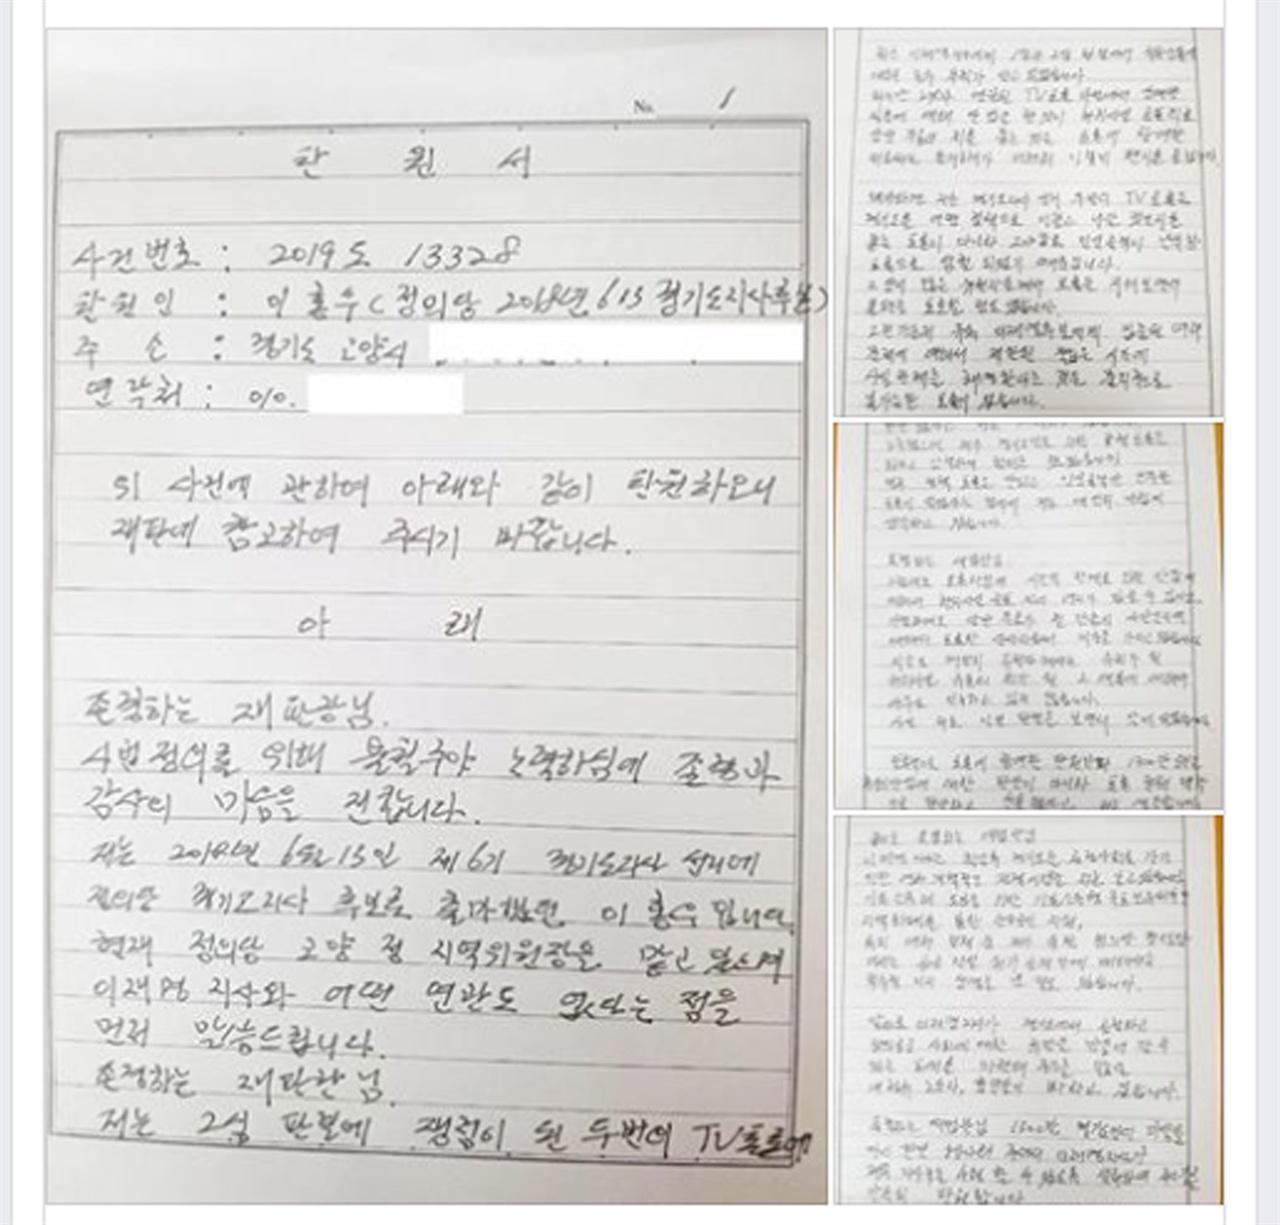 이홍우 위원장 자필 탄원서 모습